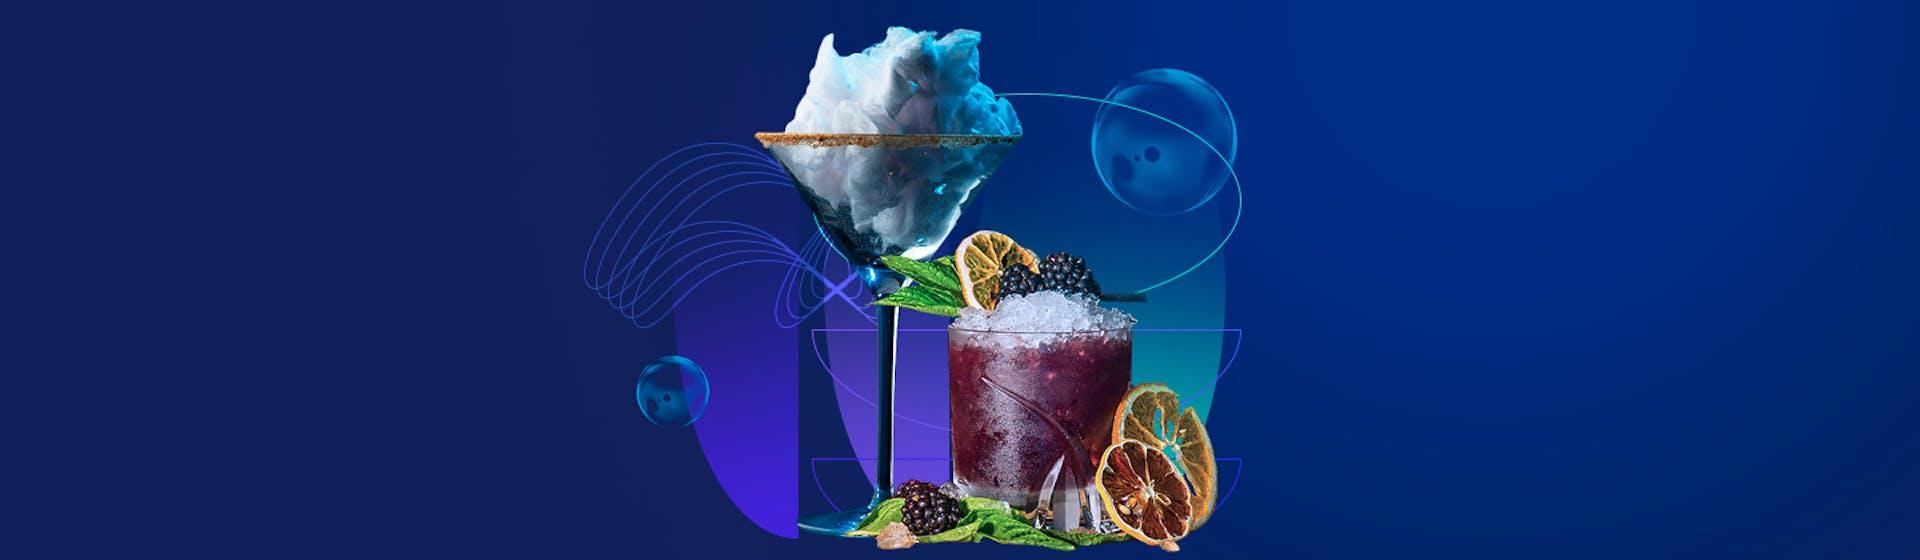 ¿Qué es la mixología? La técnica que revolucionará tu manera de preparar cócteles